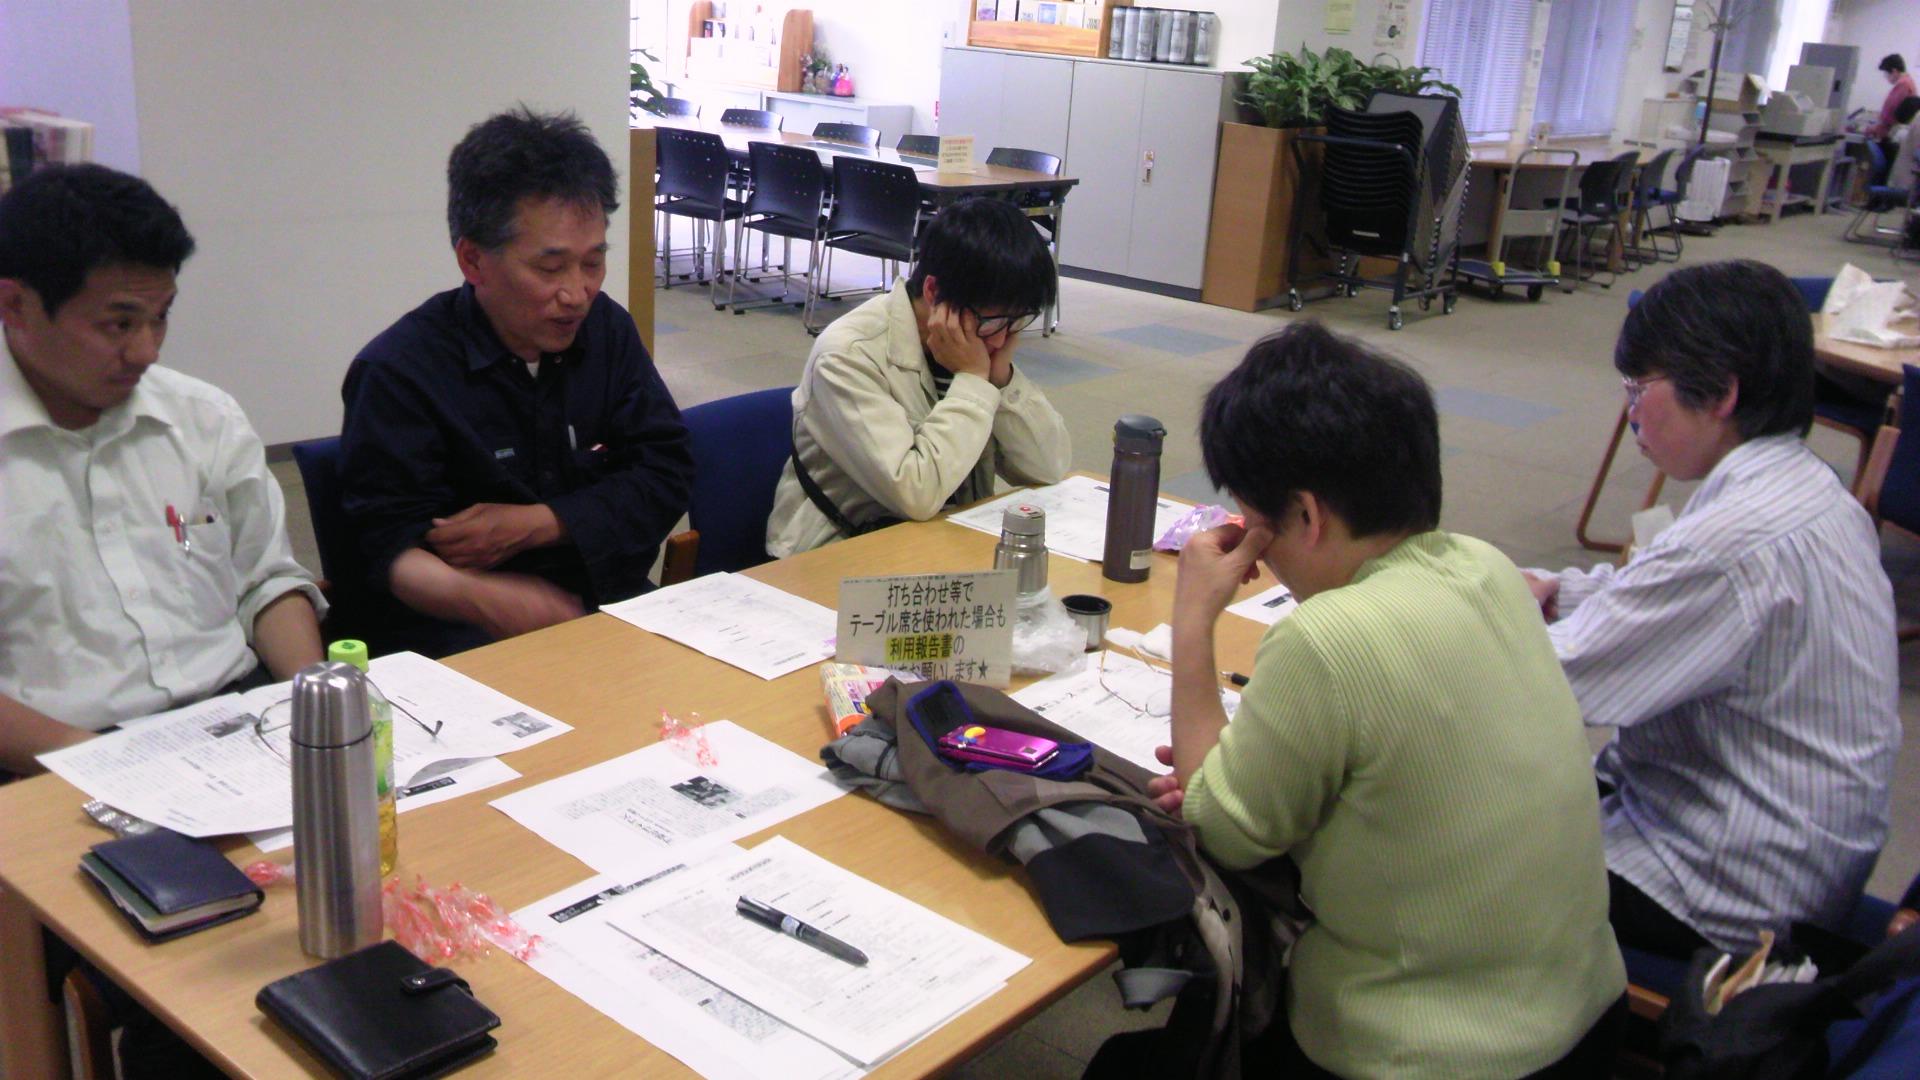 岡山の星野学習会&街宣に参加しました!_d0155415_011502.jpg